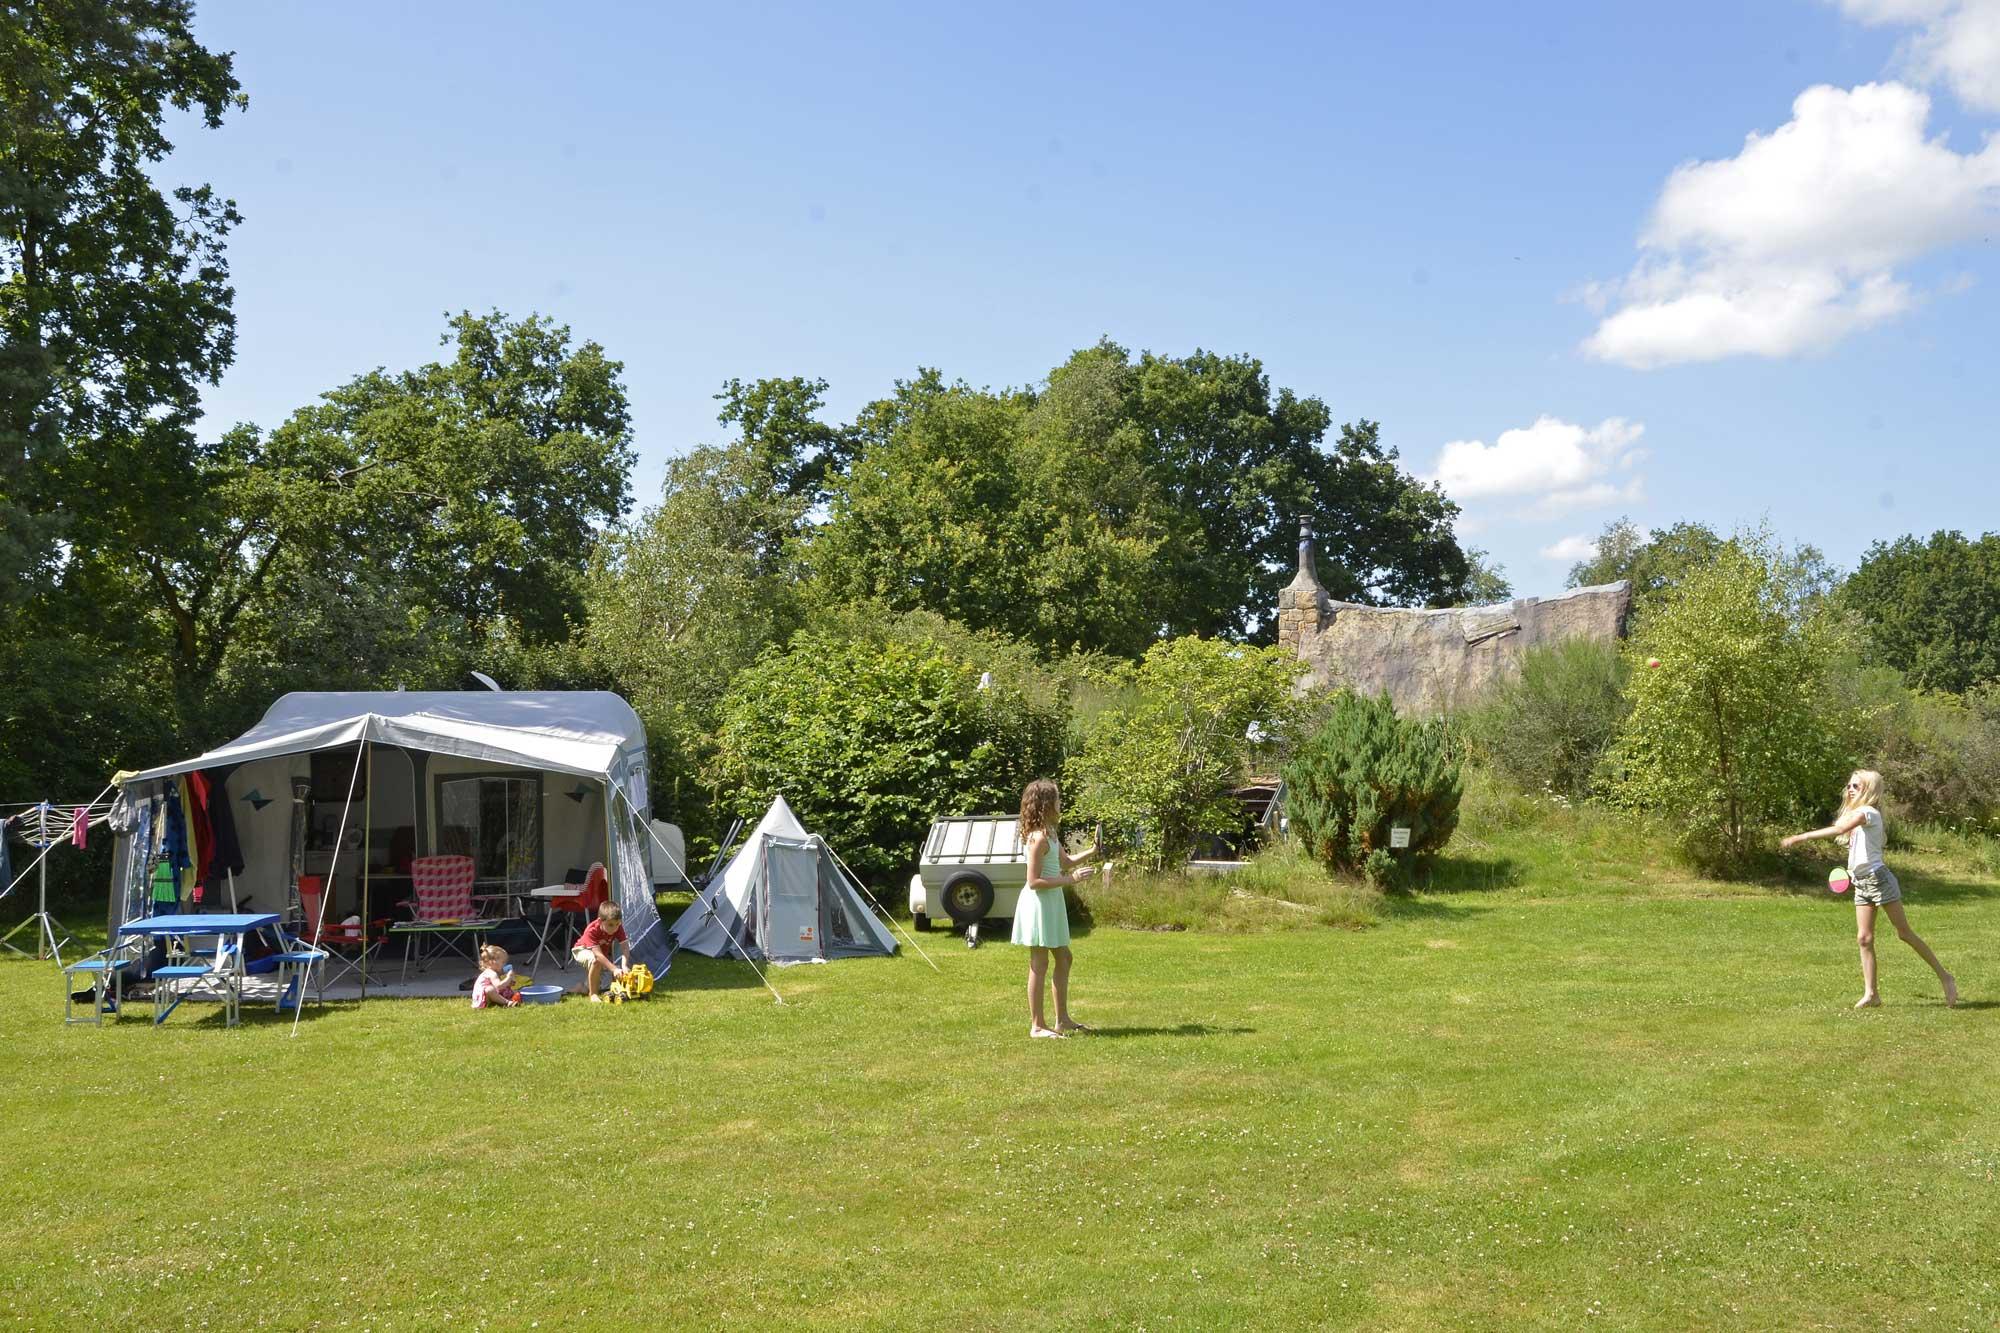 camping-drenthe-blauwe-haan-kamperen